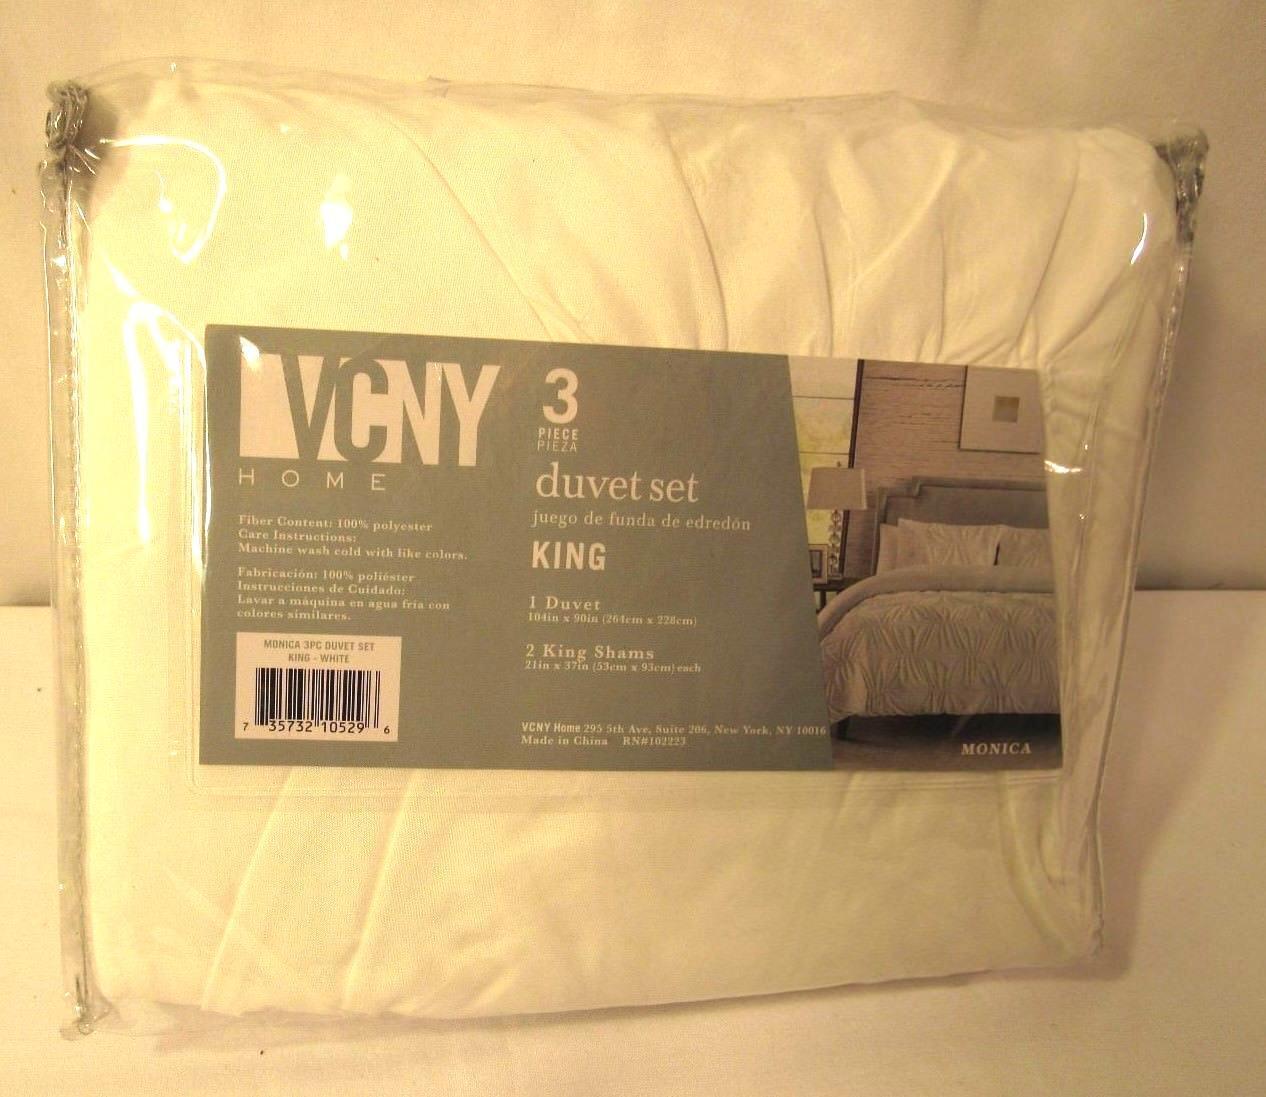 VCNY Home Marchella 3-piece Duvet Cover Set, KING White - SALE